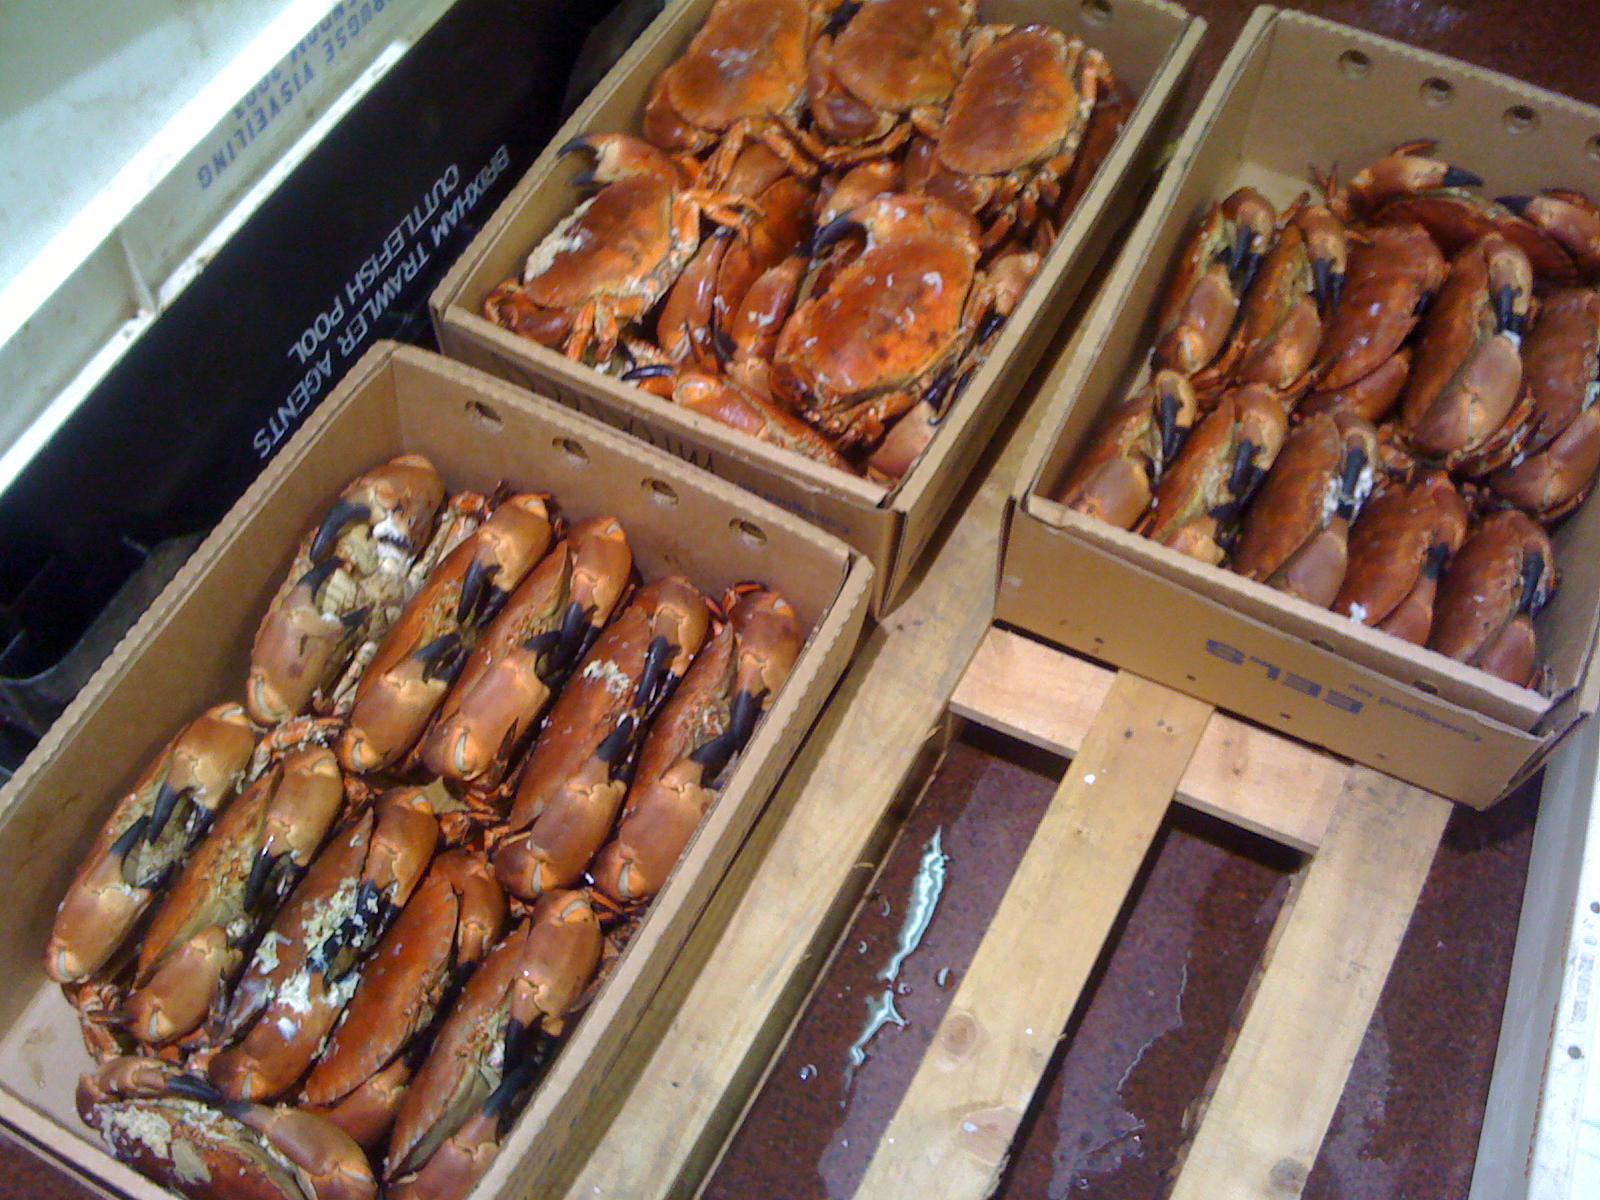 Wai vi ki billingsgate fish market for Fish market hours